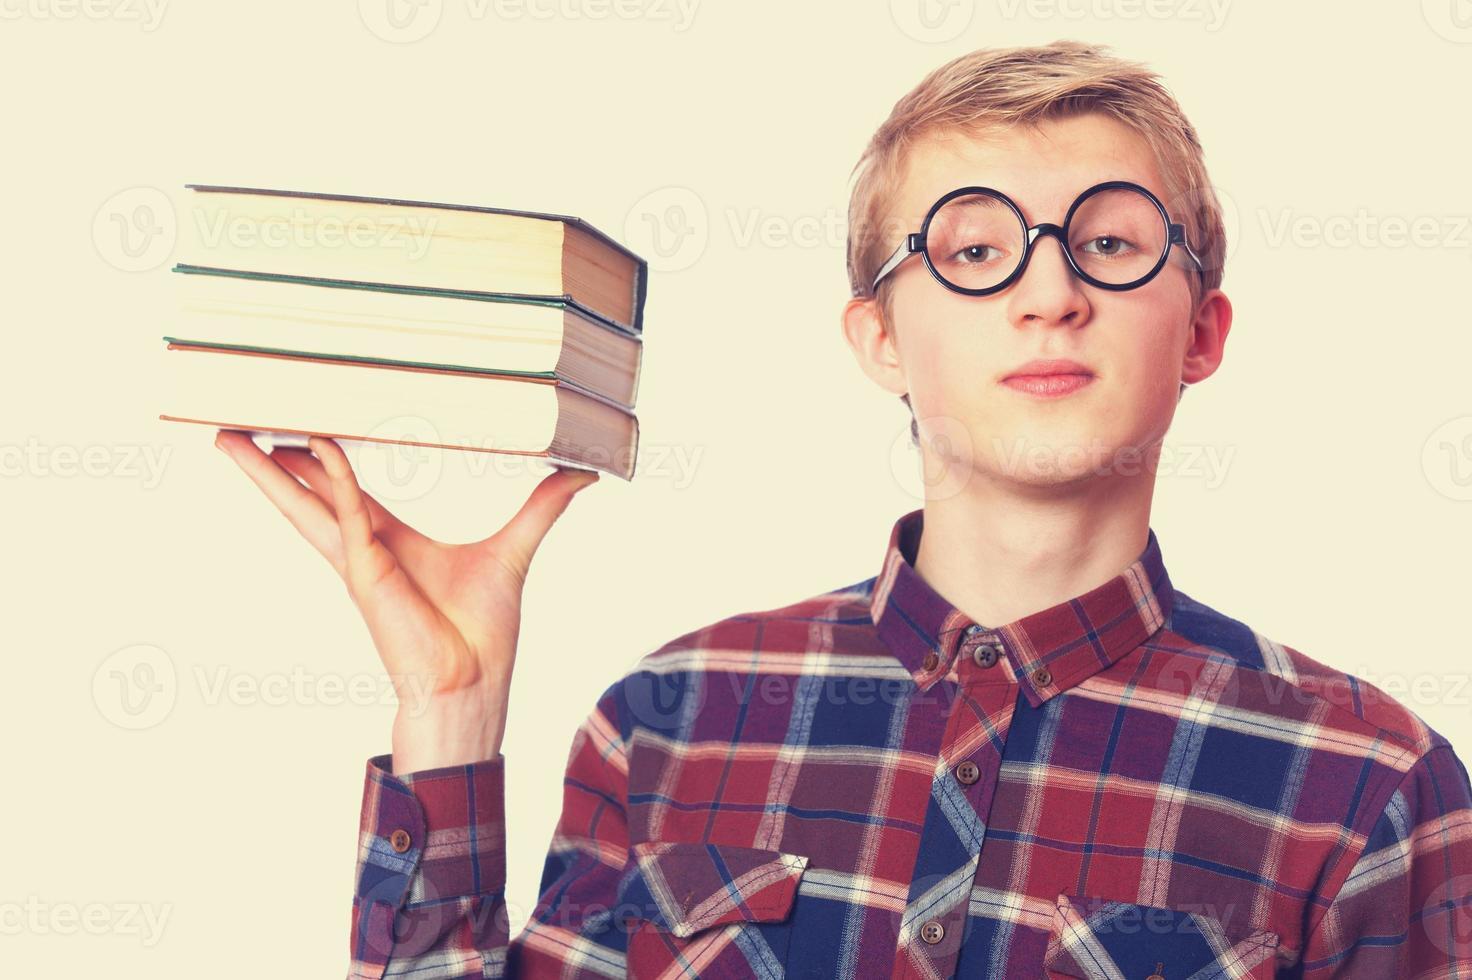 mec nerd avec des livres photo